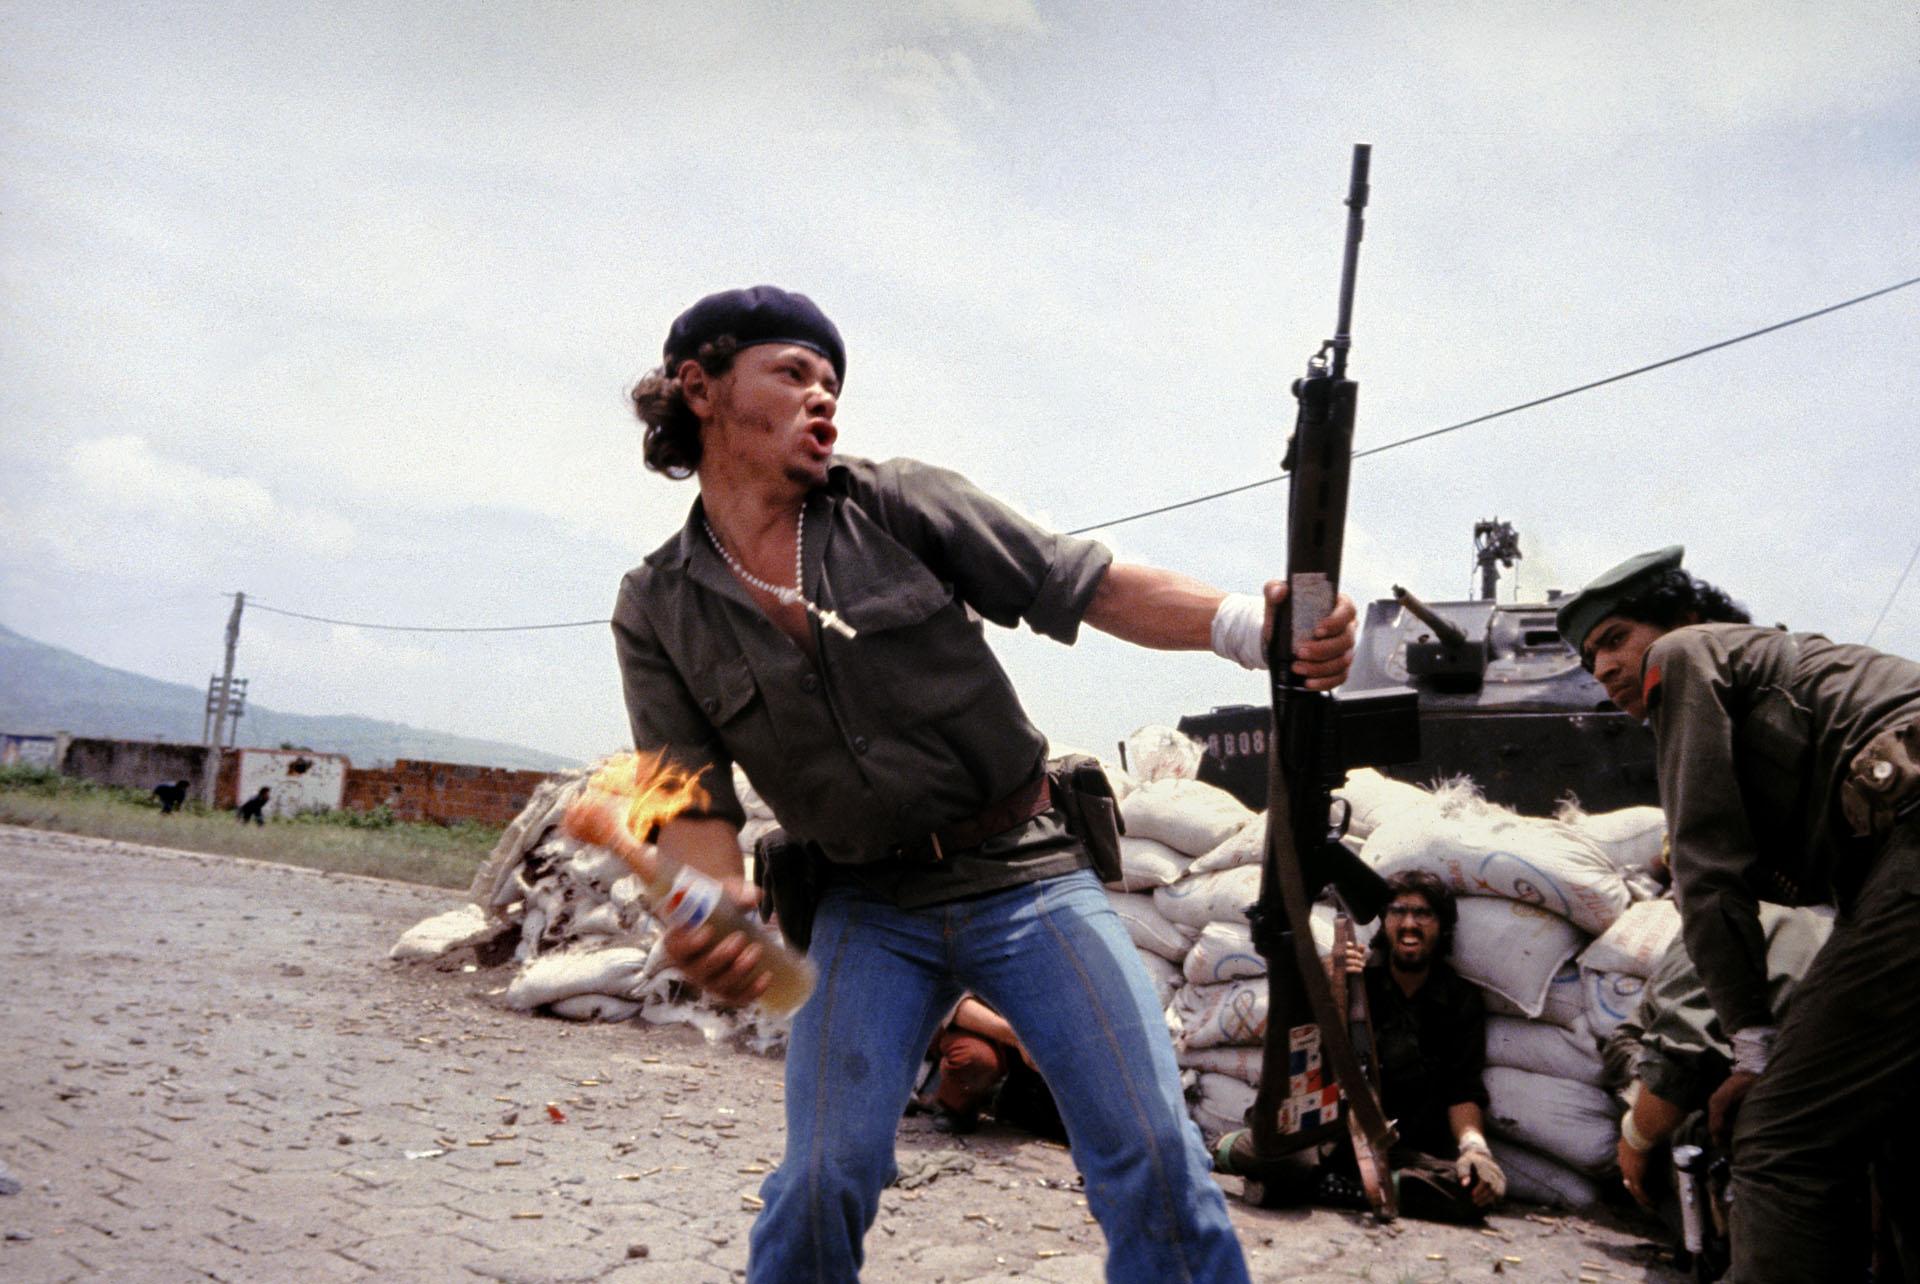 Sandinistas nos muros do quartel-general da Guarda Nacional: o homem-molotov, Estelí, Nicarágua, 16 de julho de 1979. © Susan Meiselas/Magnum Photos